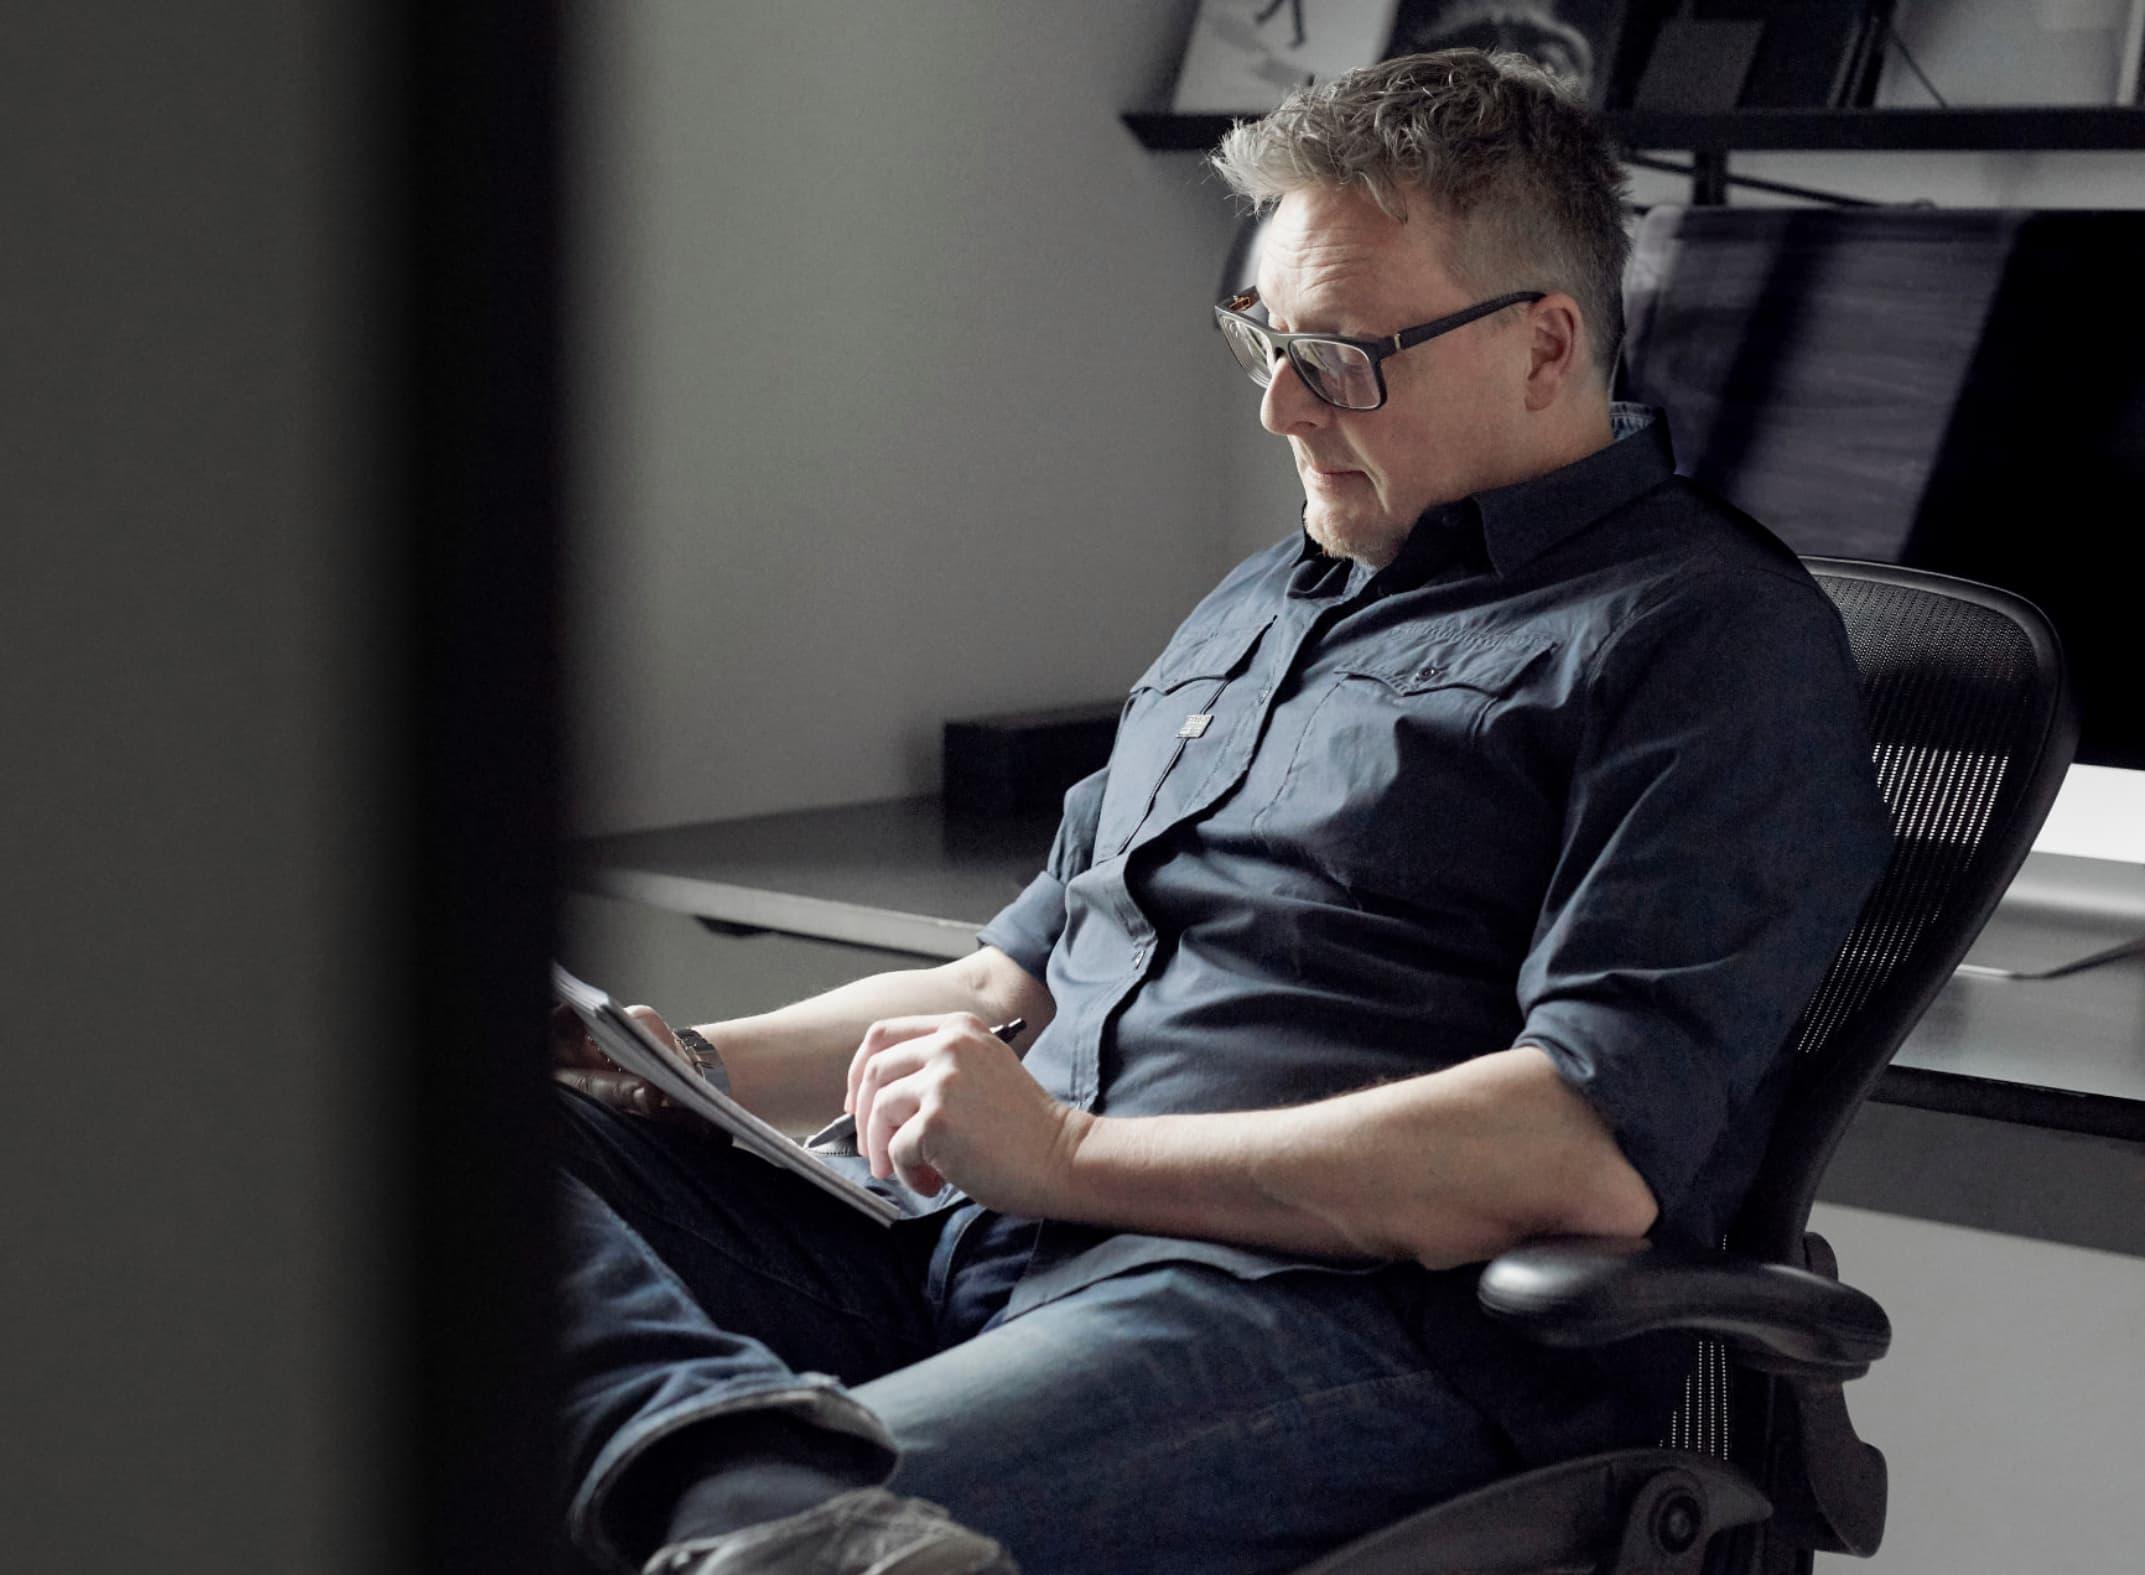 Henrik Pedersen, BoConcept Furniture Designer